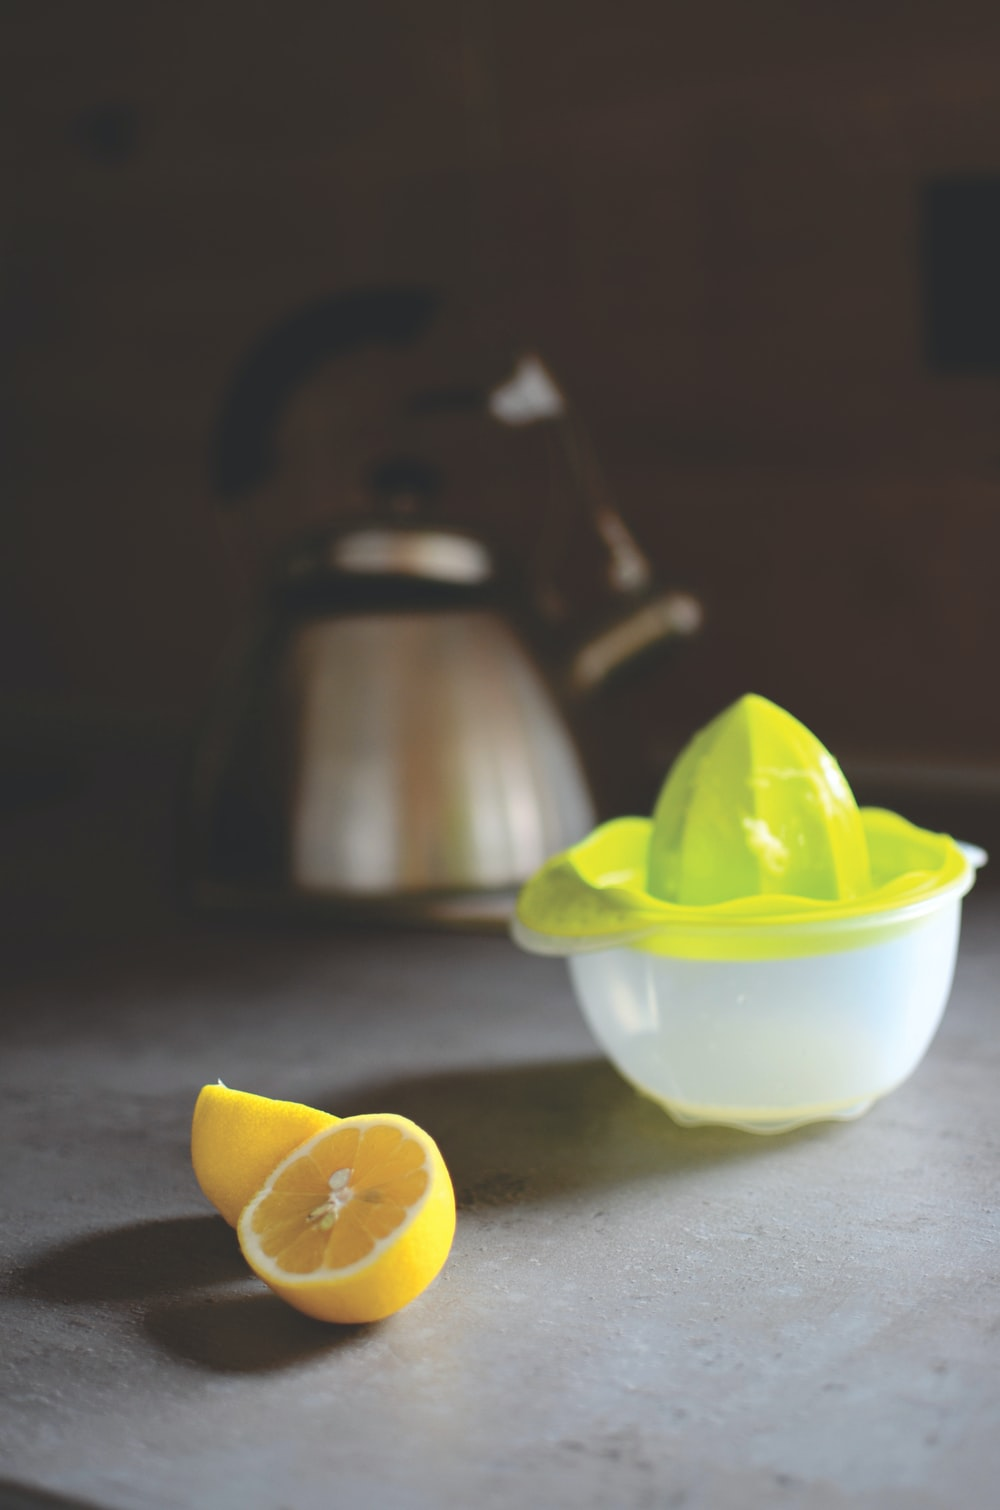 two slices of lemon beside green juicer